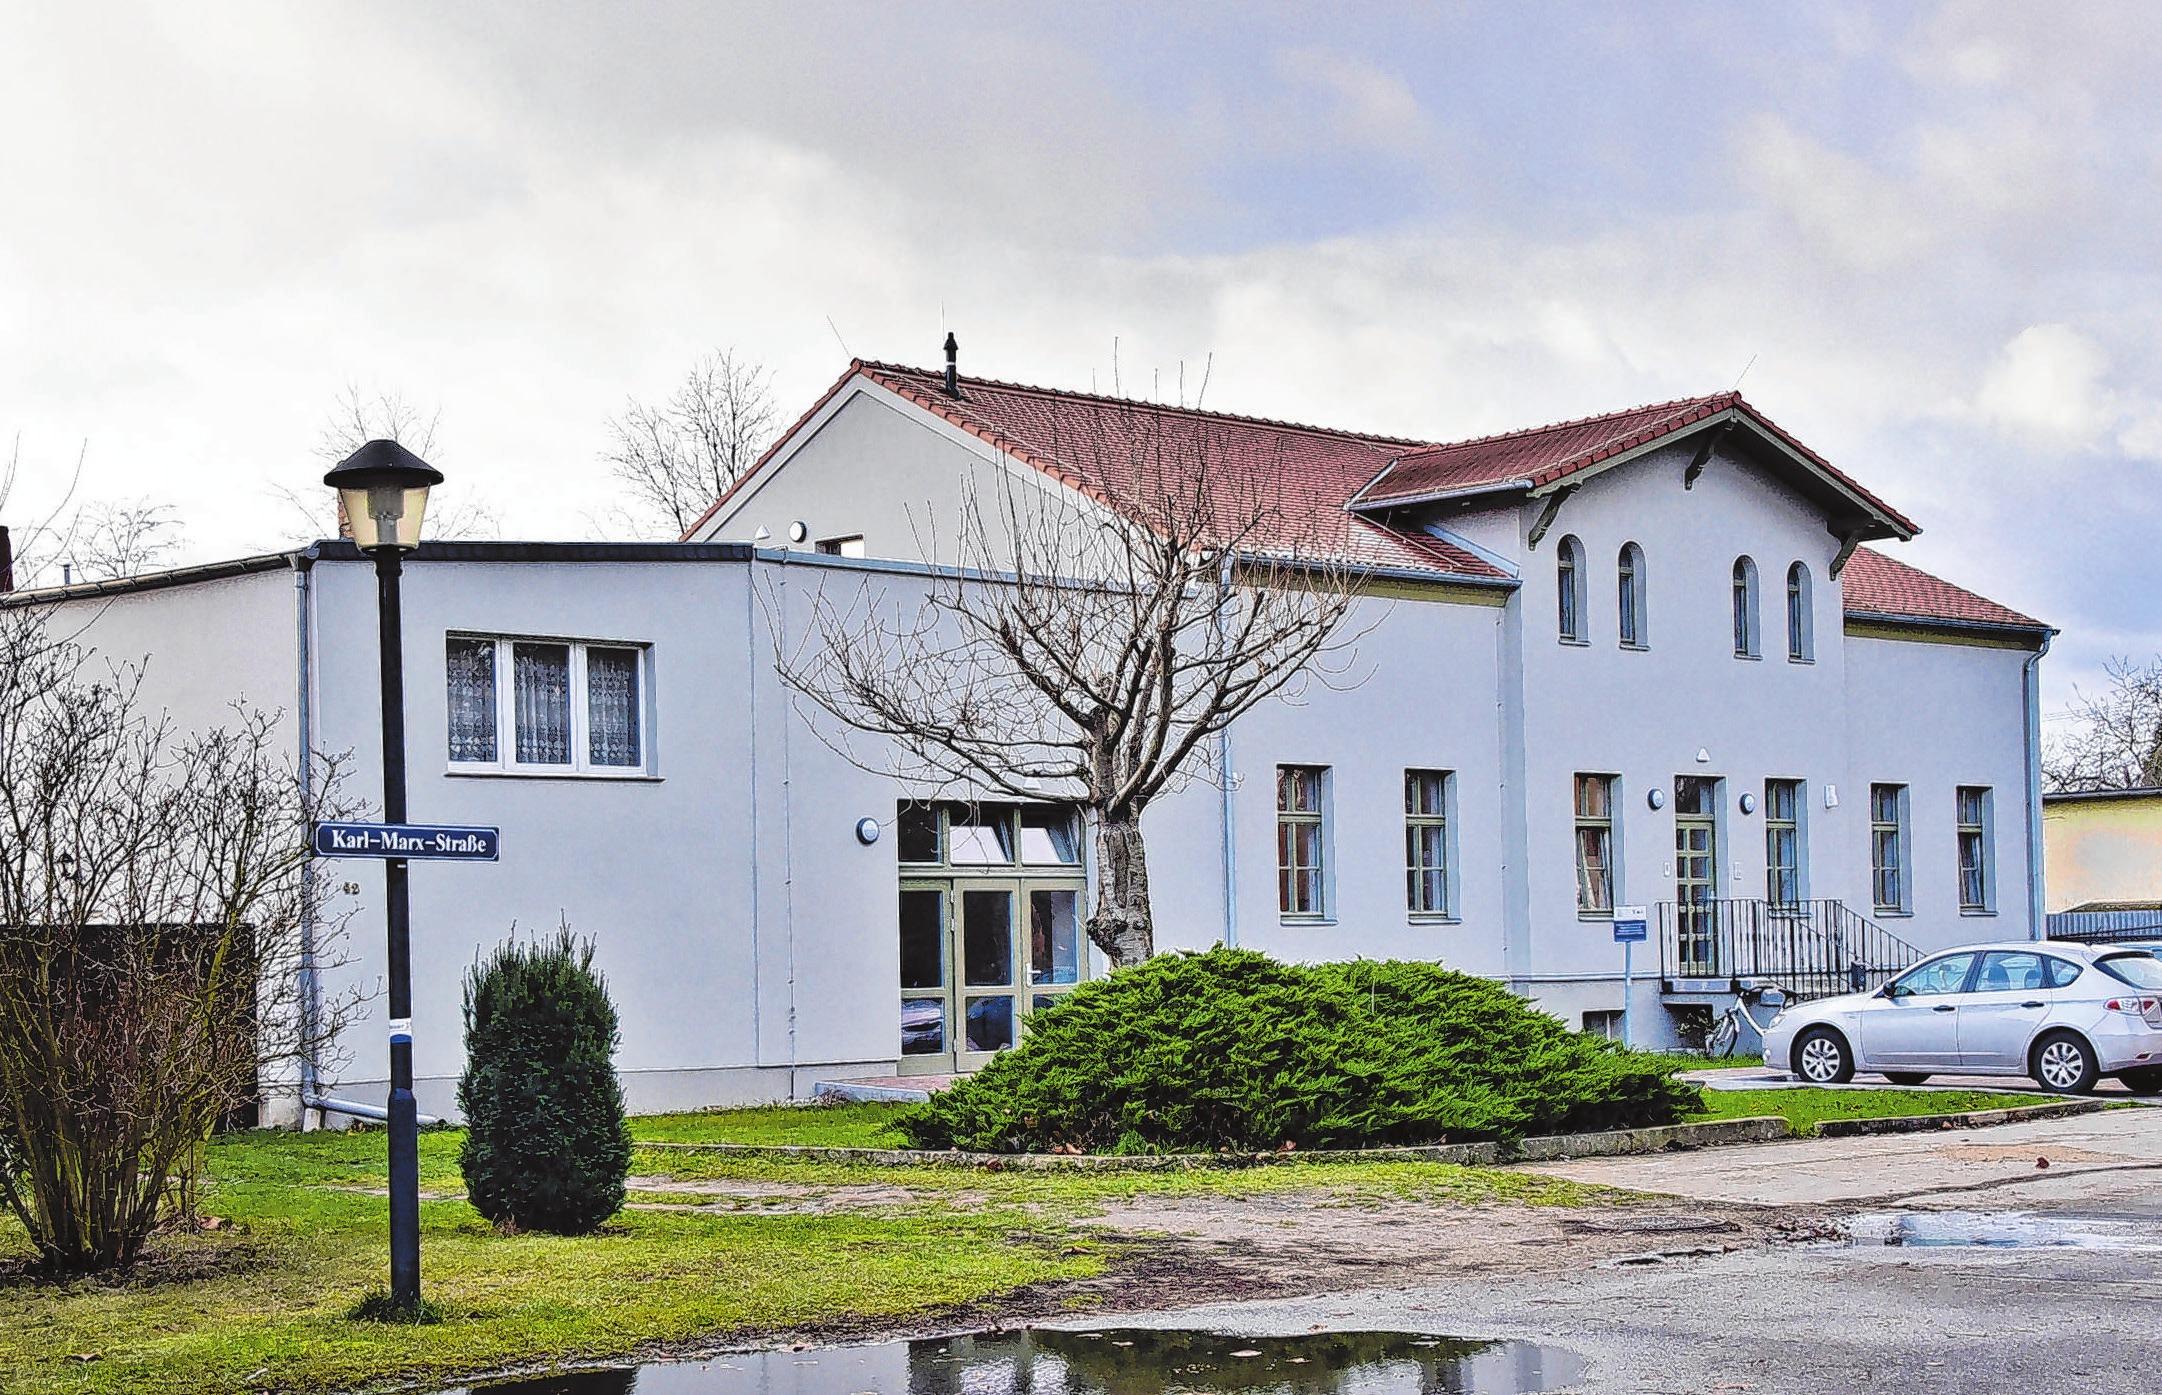 Soll jetzt mit Leben erfüllt werden - das neue Neutrebbiner Gemeindezentrum steht zur Übernahme durch die Bürger bereit.